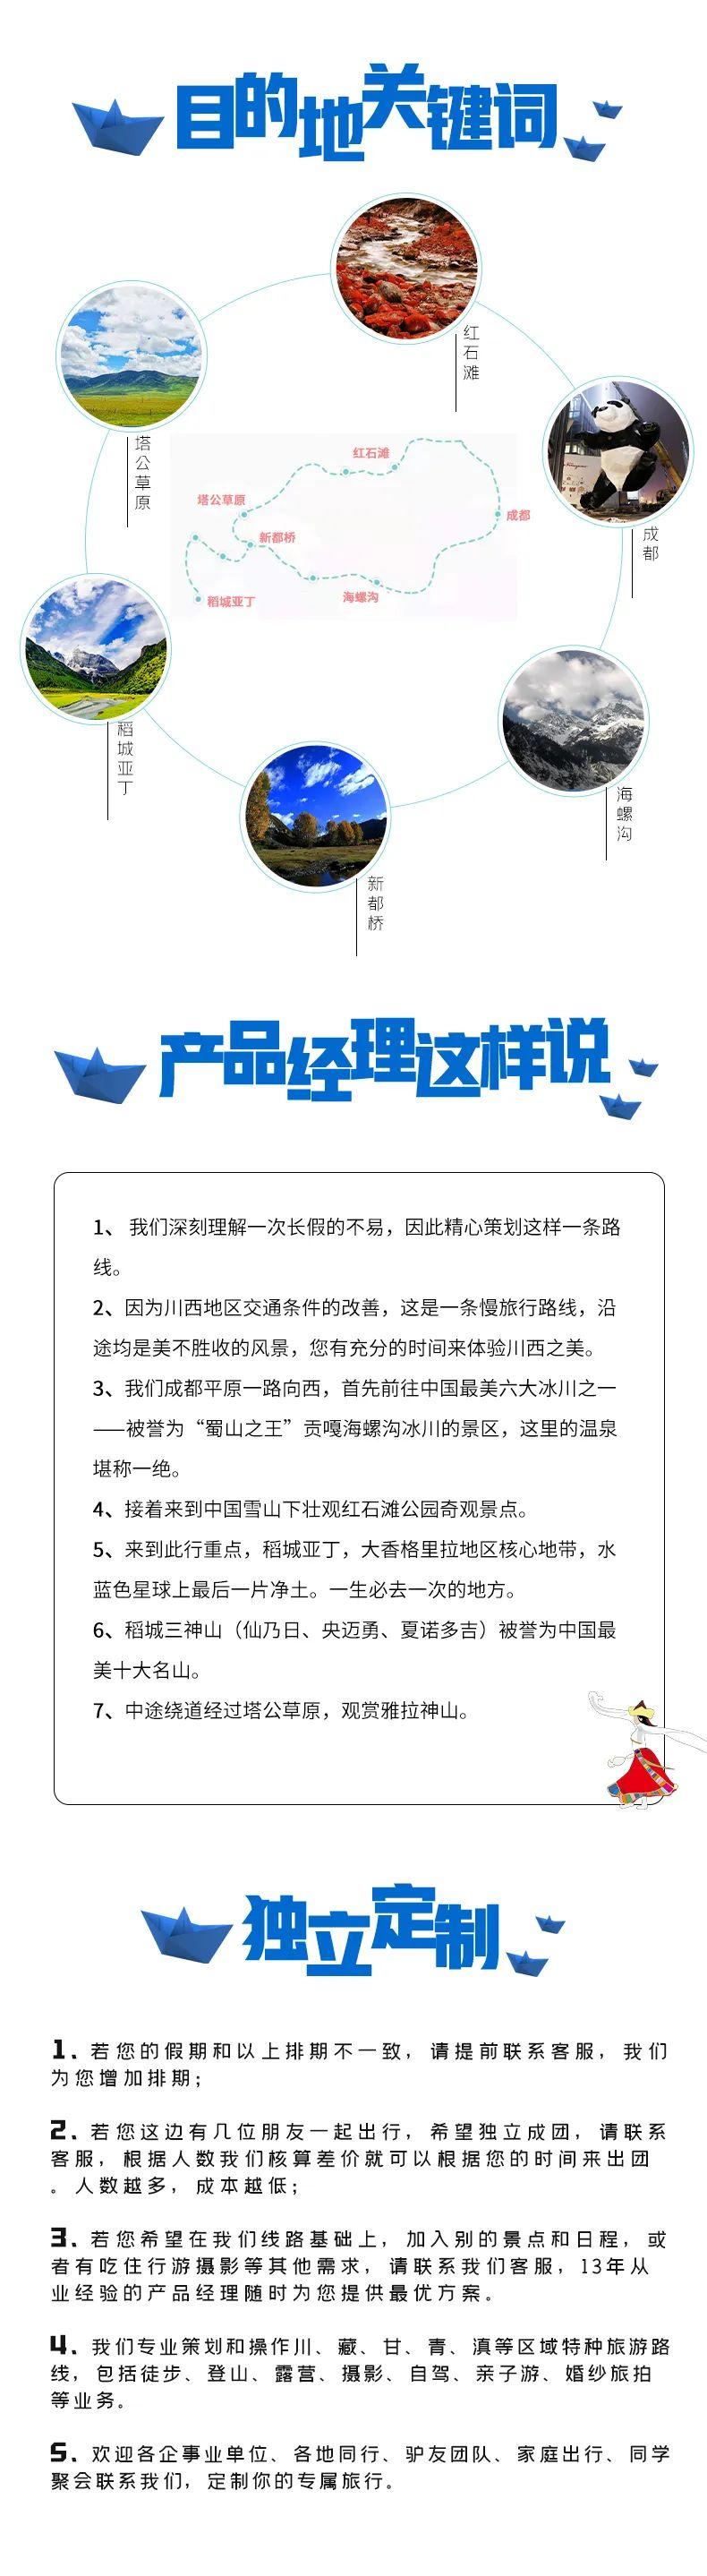 (6)【海稻传奇】稻城亚丁海螺沟红石滩冰川深度7日游-户外活动图-驼铃网